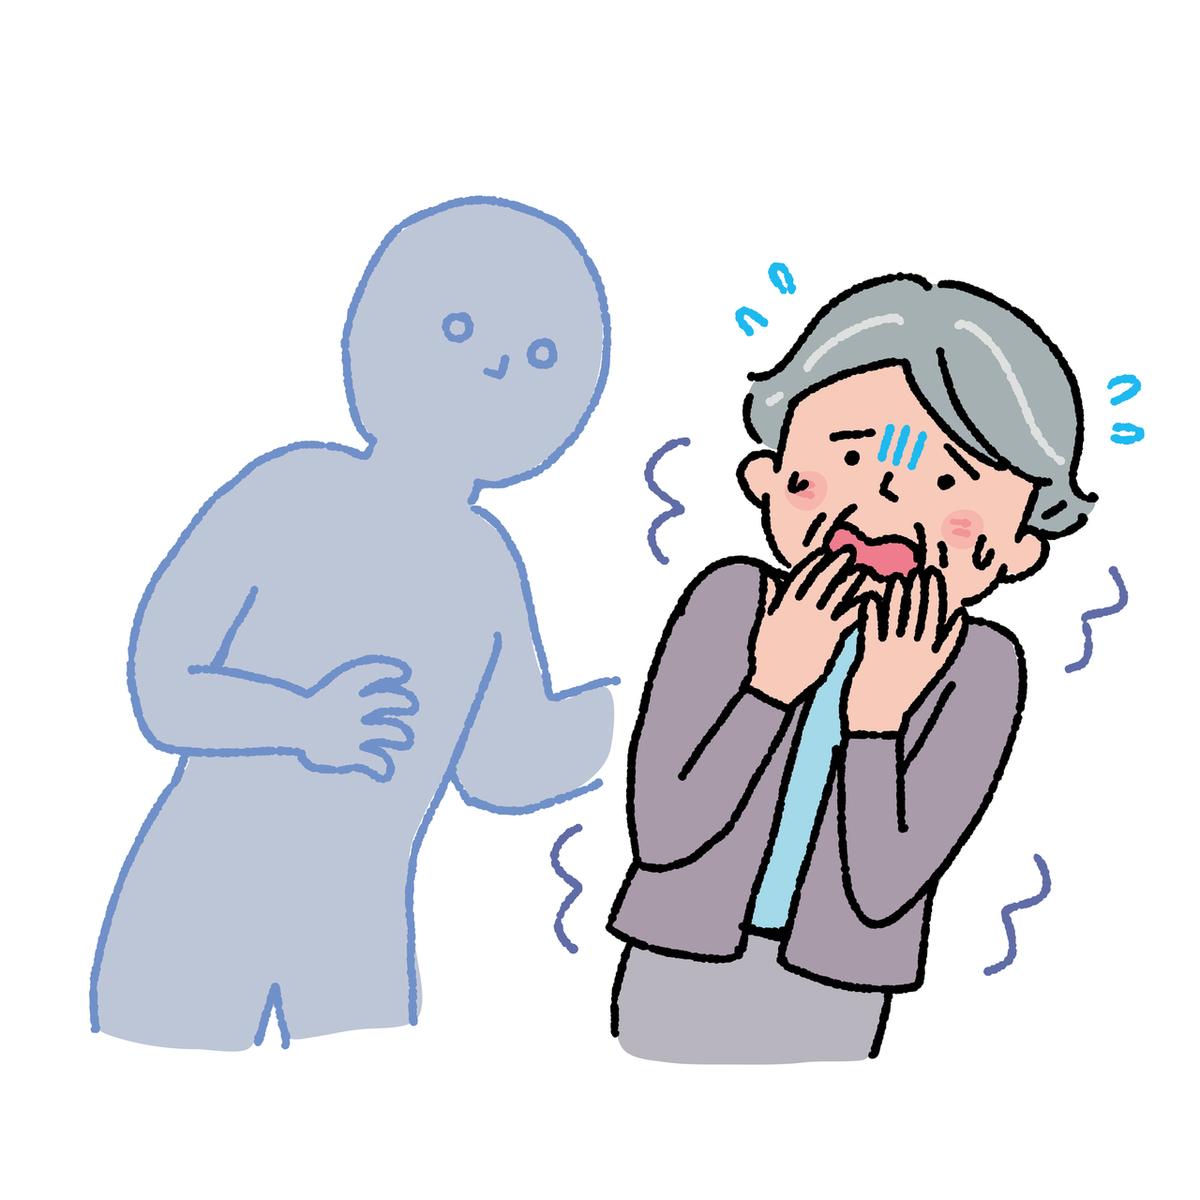 幻覚におびえる高齢女性